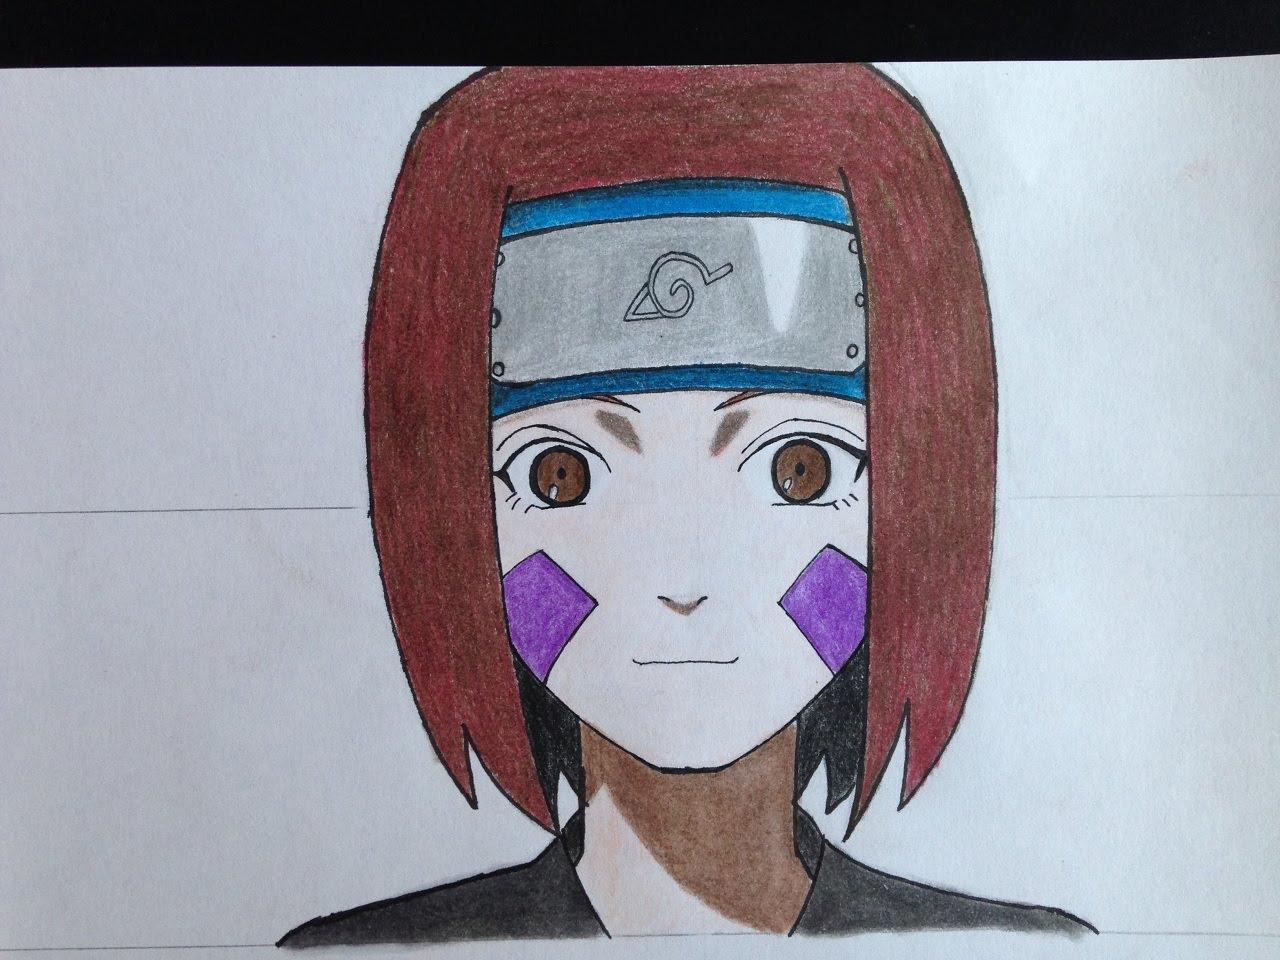 Drawn naruto rin Draw YouTube (Naruto) to Nohara